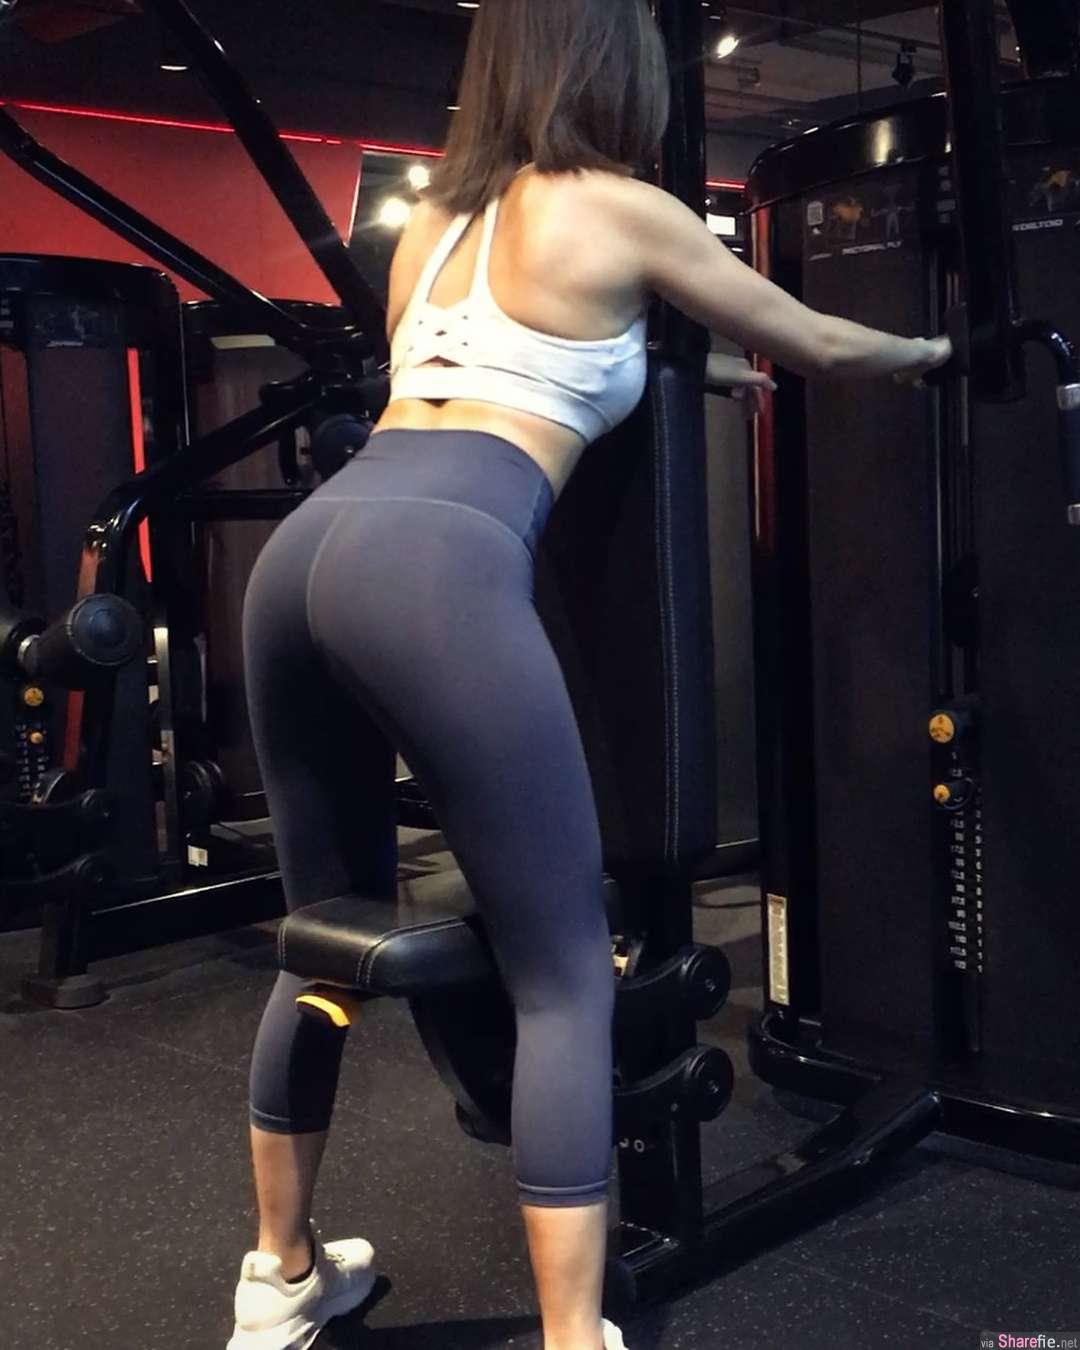 健身正妹Gina,浑圆翘臀狂洗版,网友:没关系,继续放